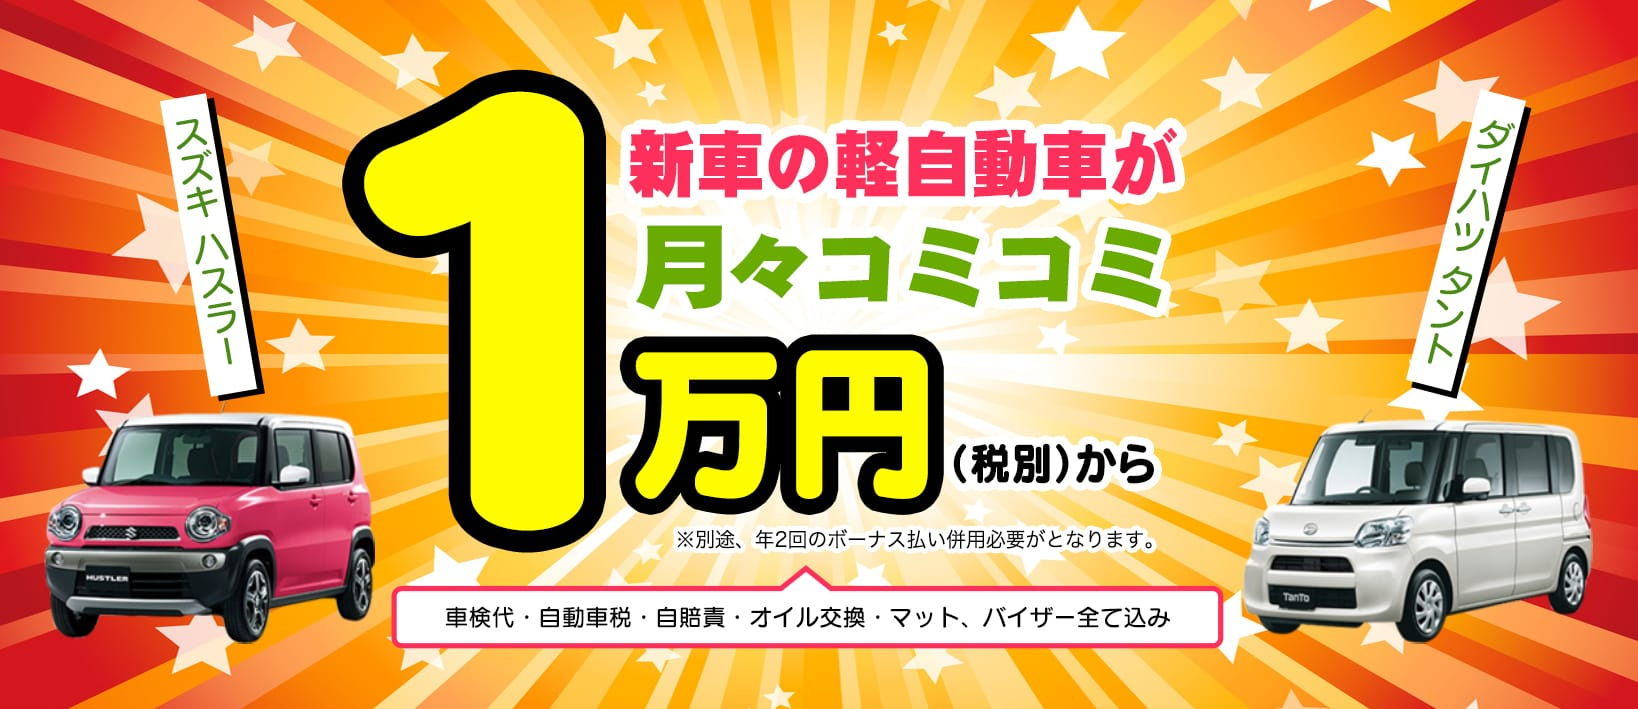 新車の軽自動車が月々コミコミ1万円(税別)から